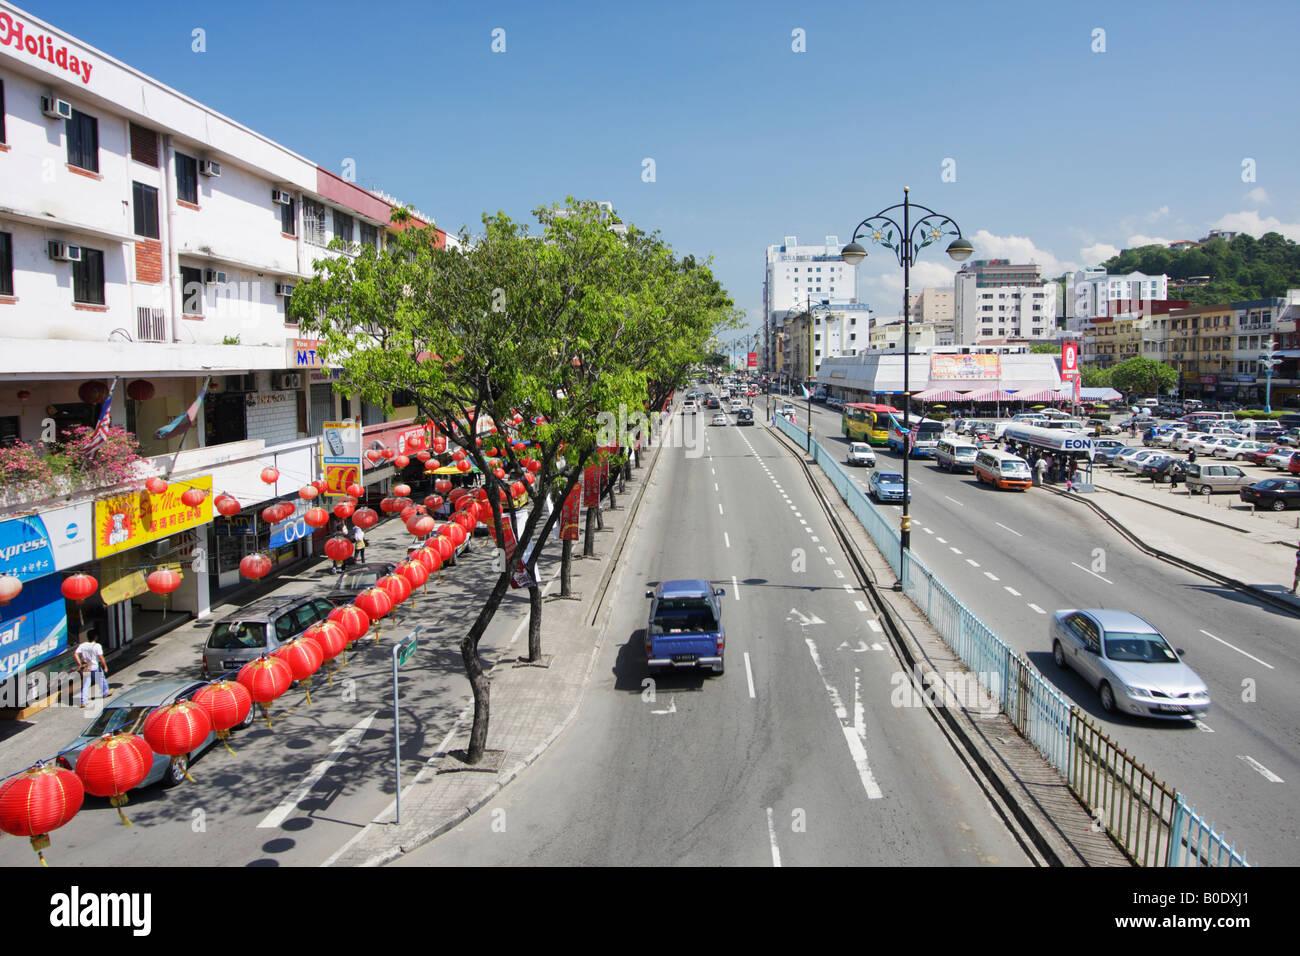 View Of Downtown Kota Kinabalu, Sabah, Malaysian Borneo - Stock Image